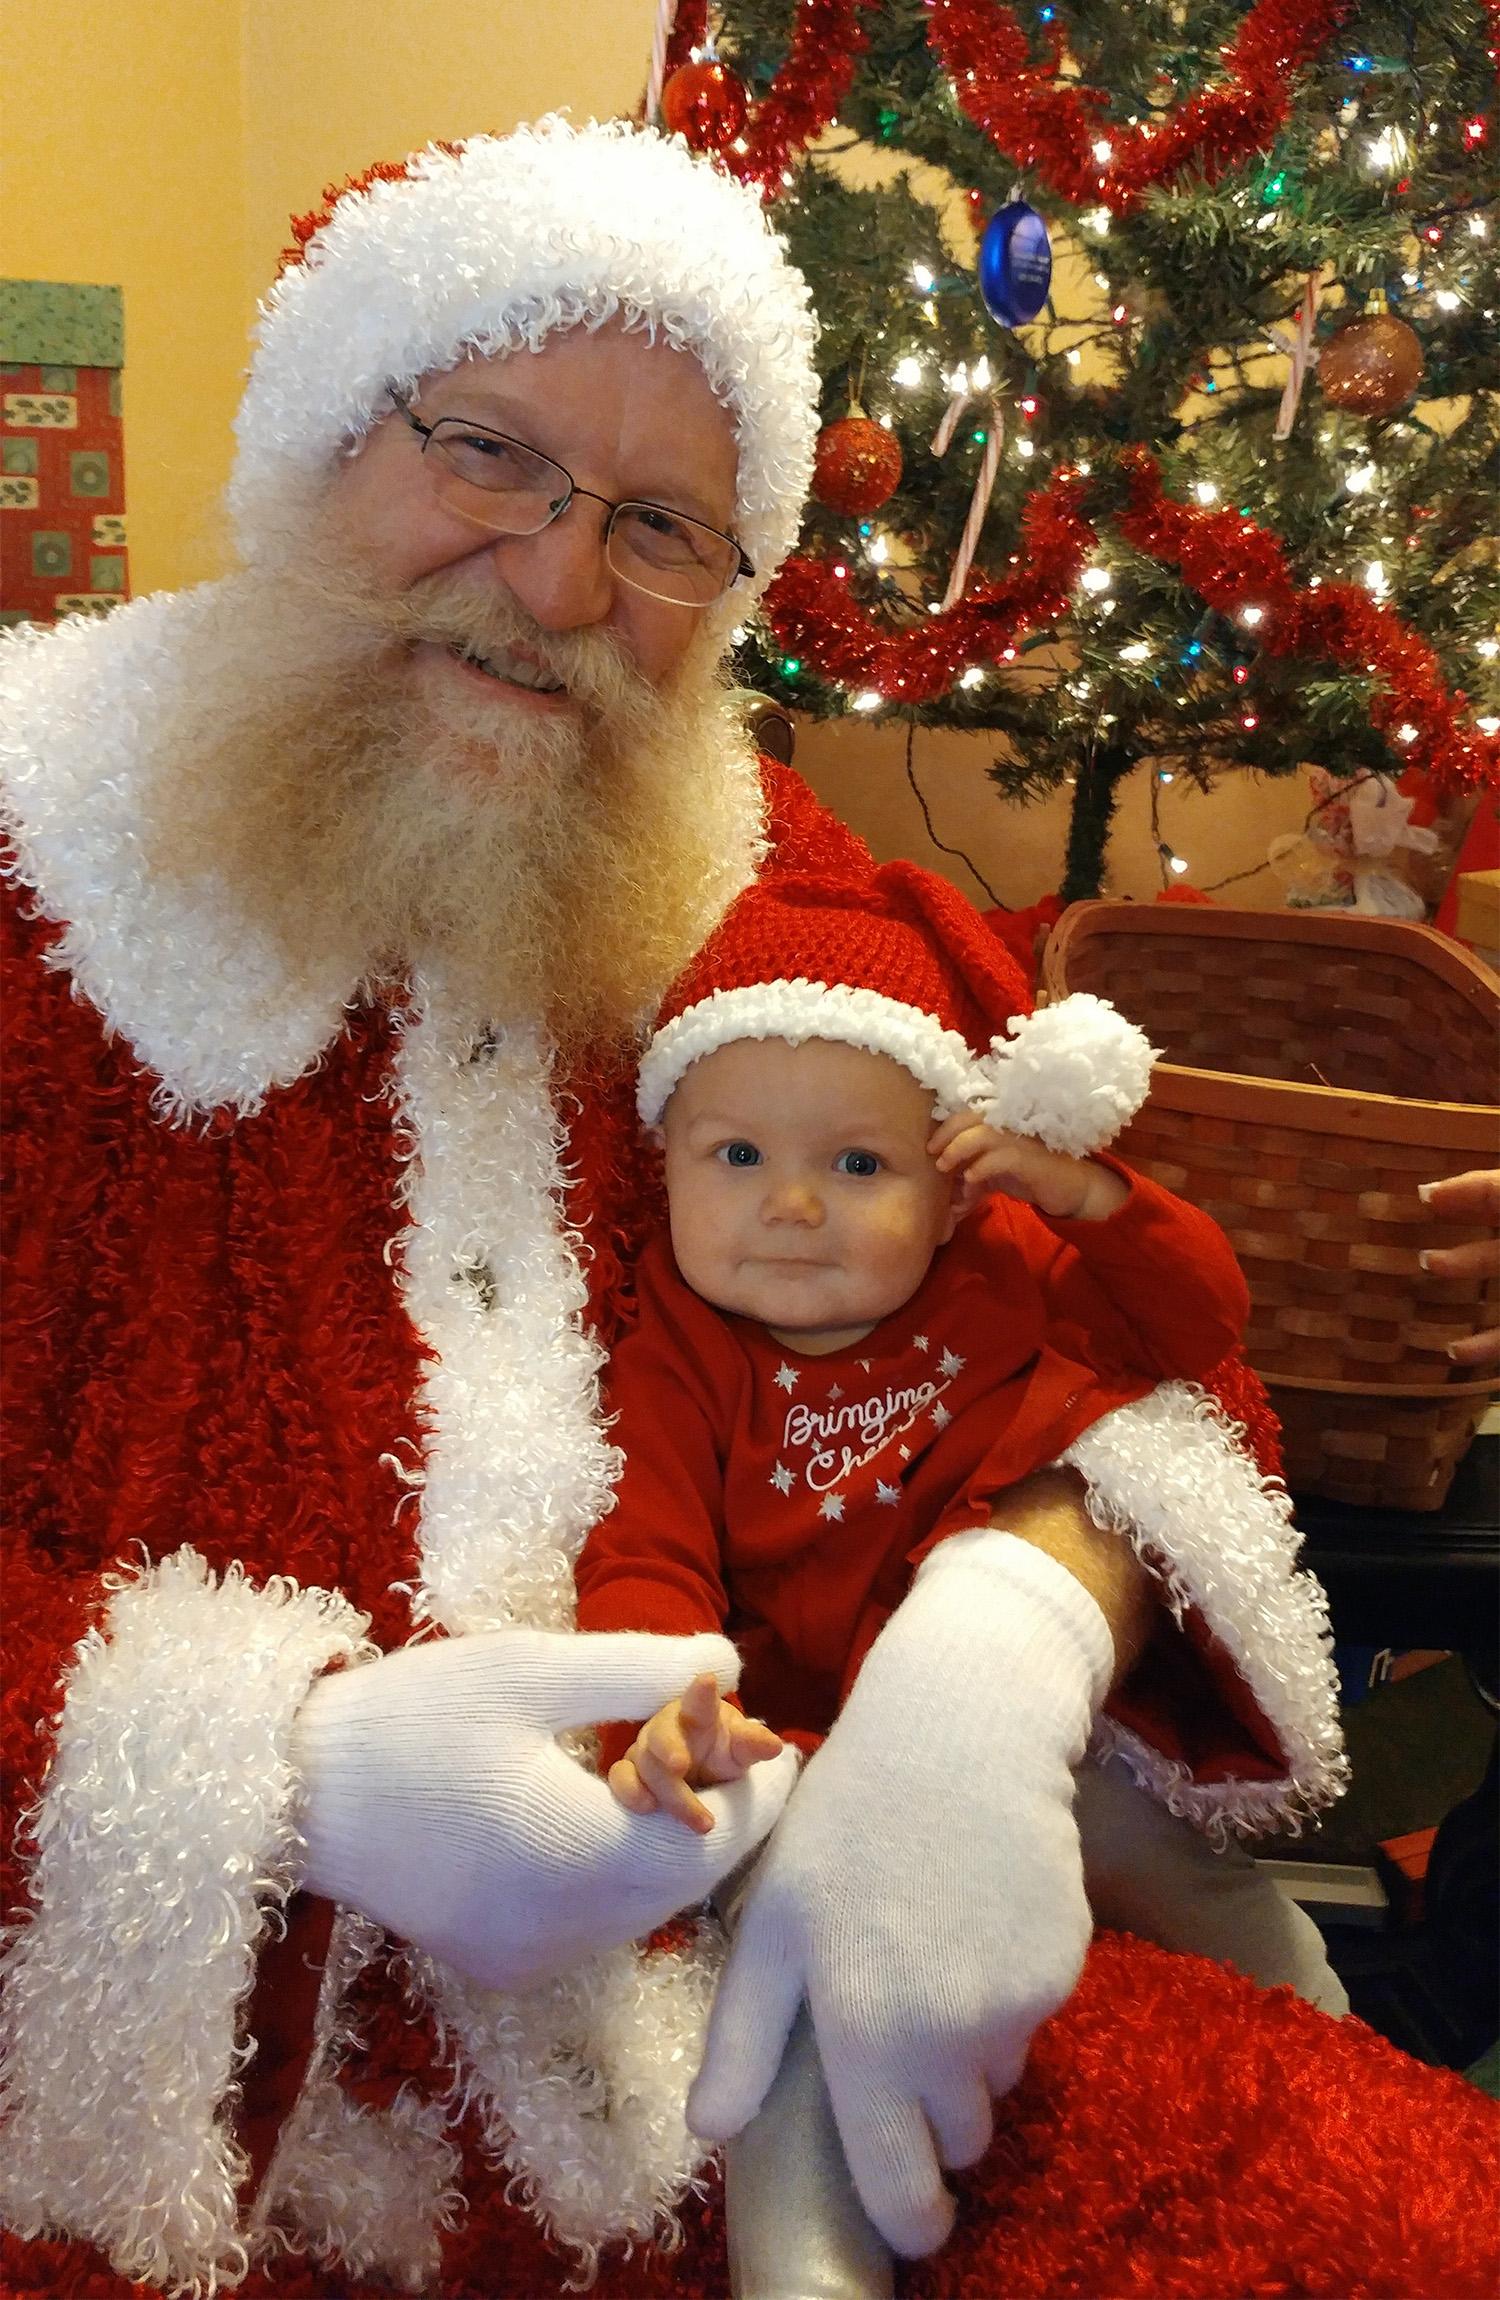 Santa and baby 1500 .jpg